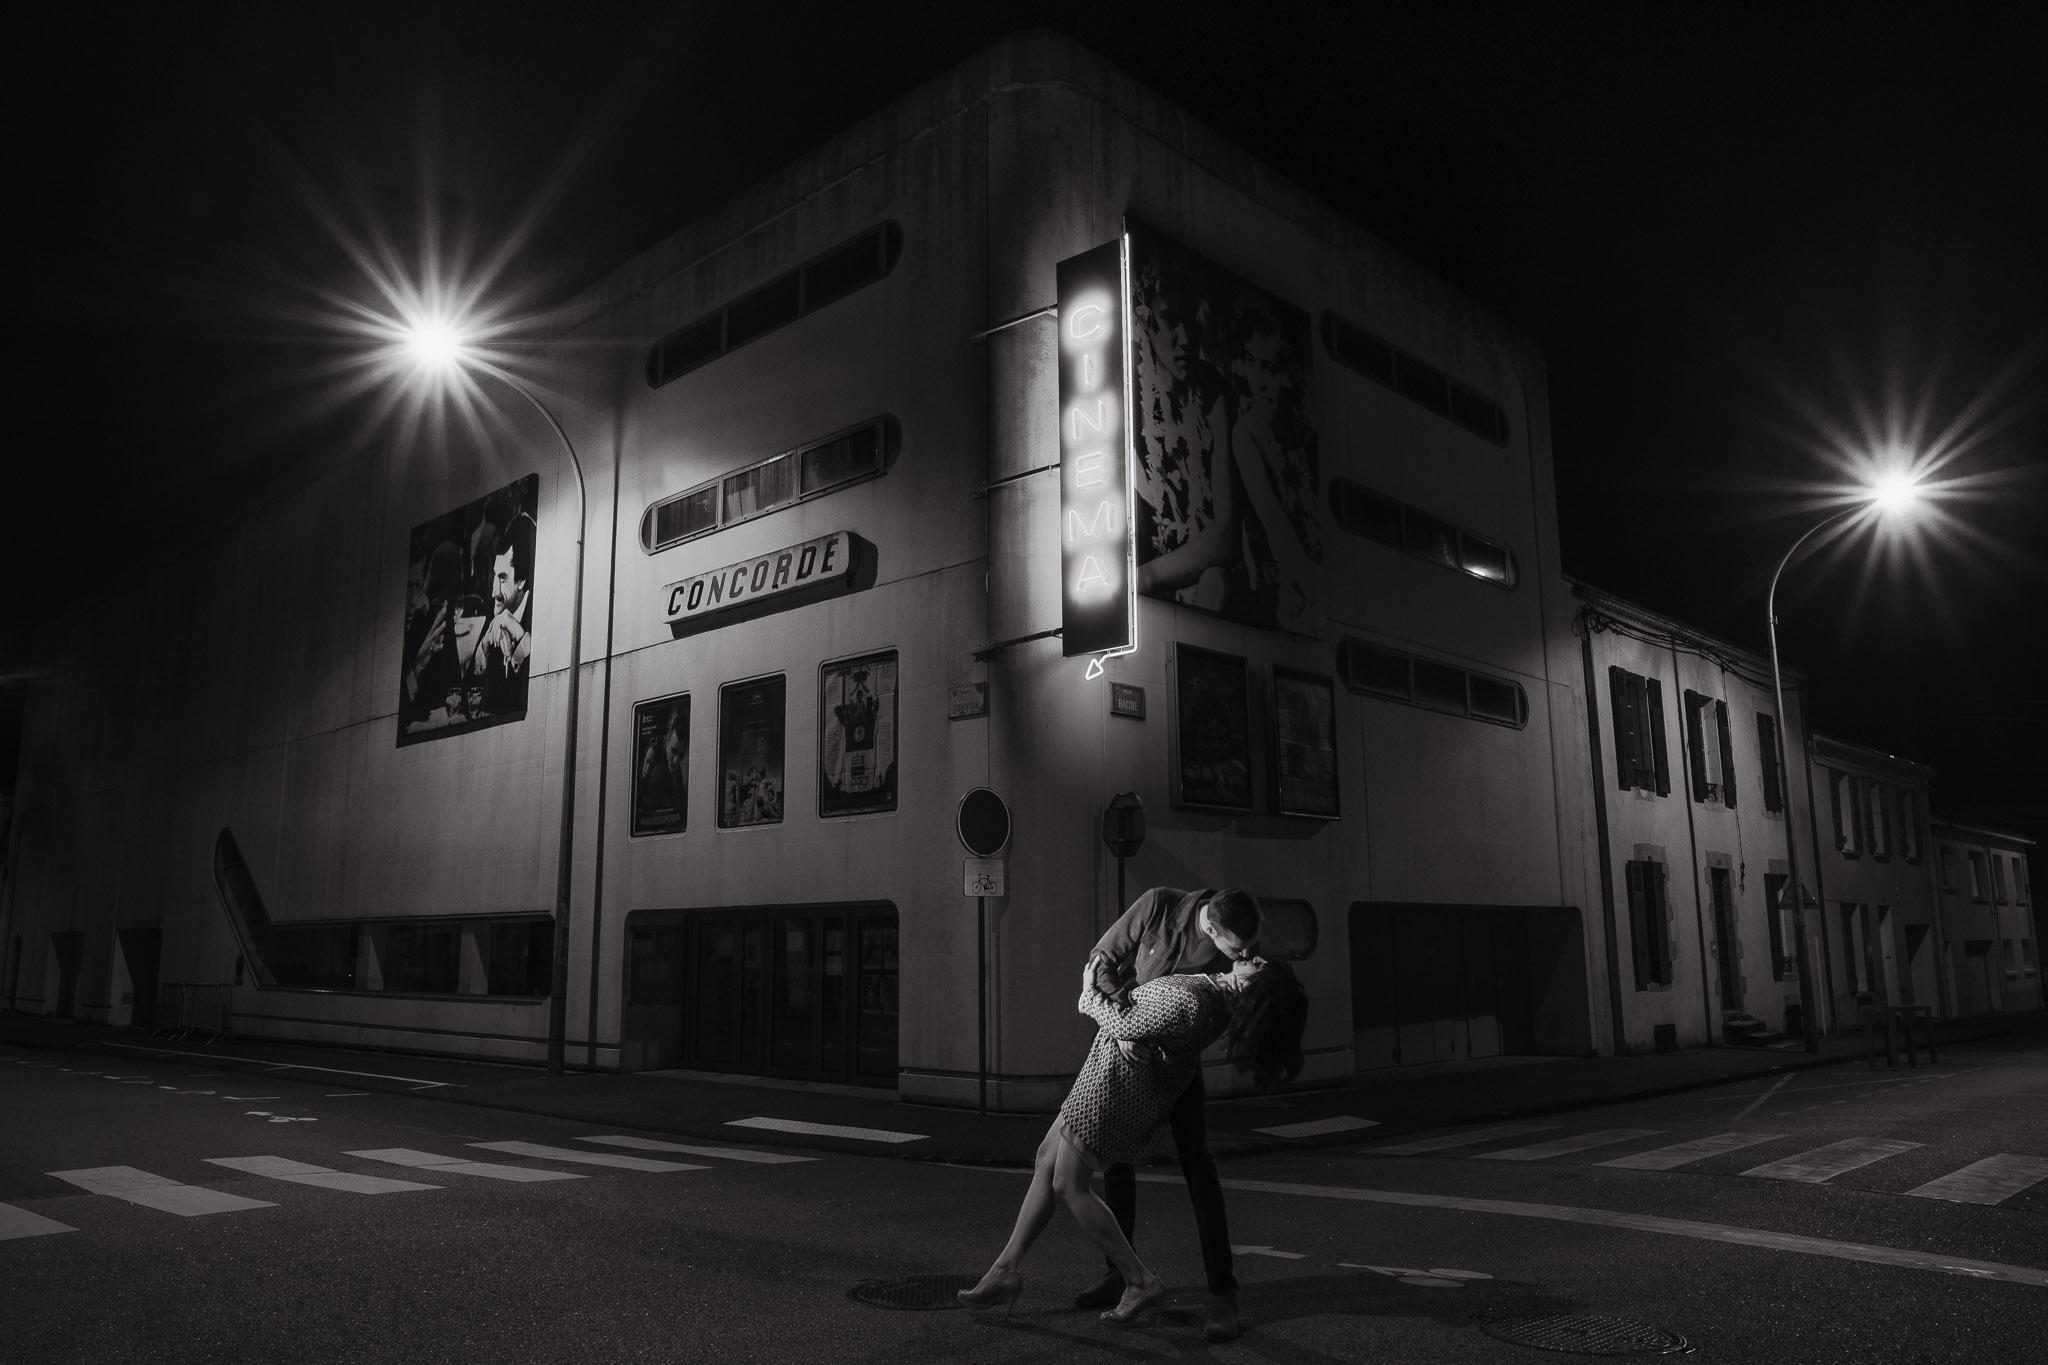 Baiser de cinéma extrait d'une séance de couple day-after originale & créative inspirée des univers du cinéma et de la mode par Geoffrey Arnoldy photographe